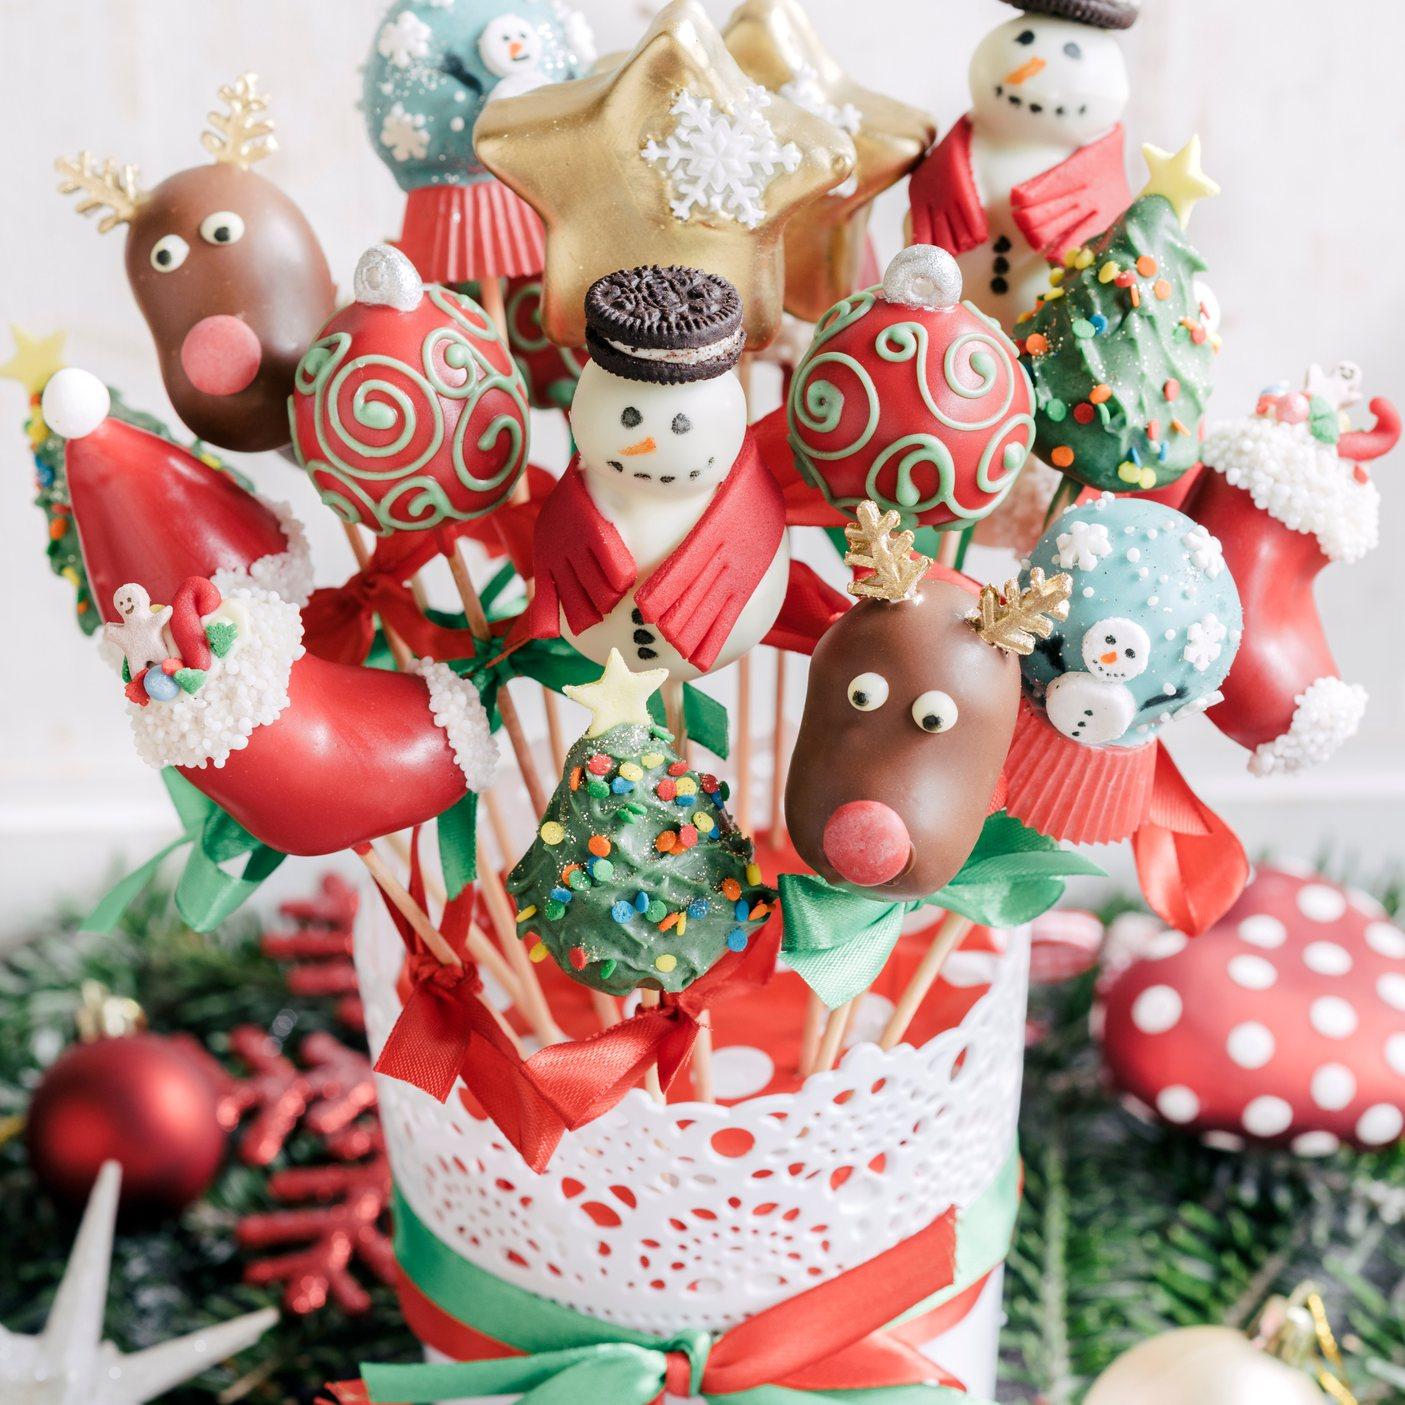 Christmas Cake Pops.Christmas Cake Pops Bouquet